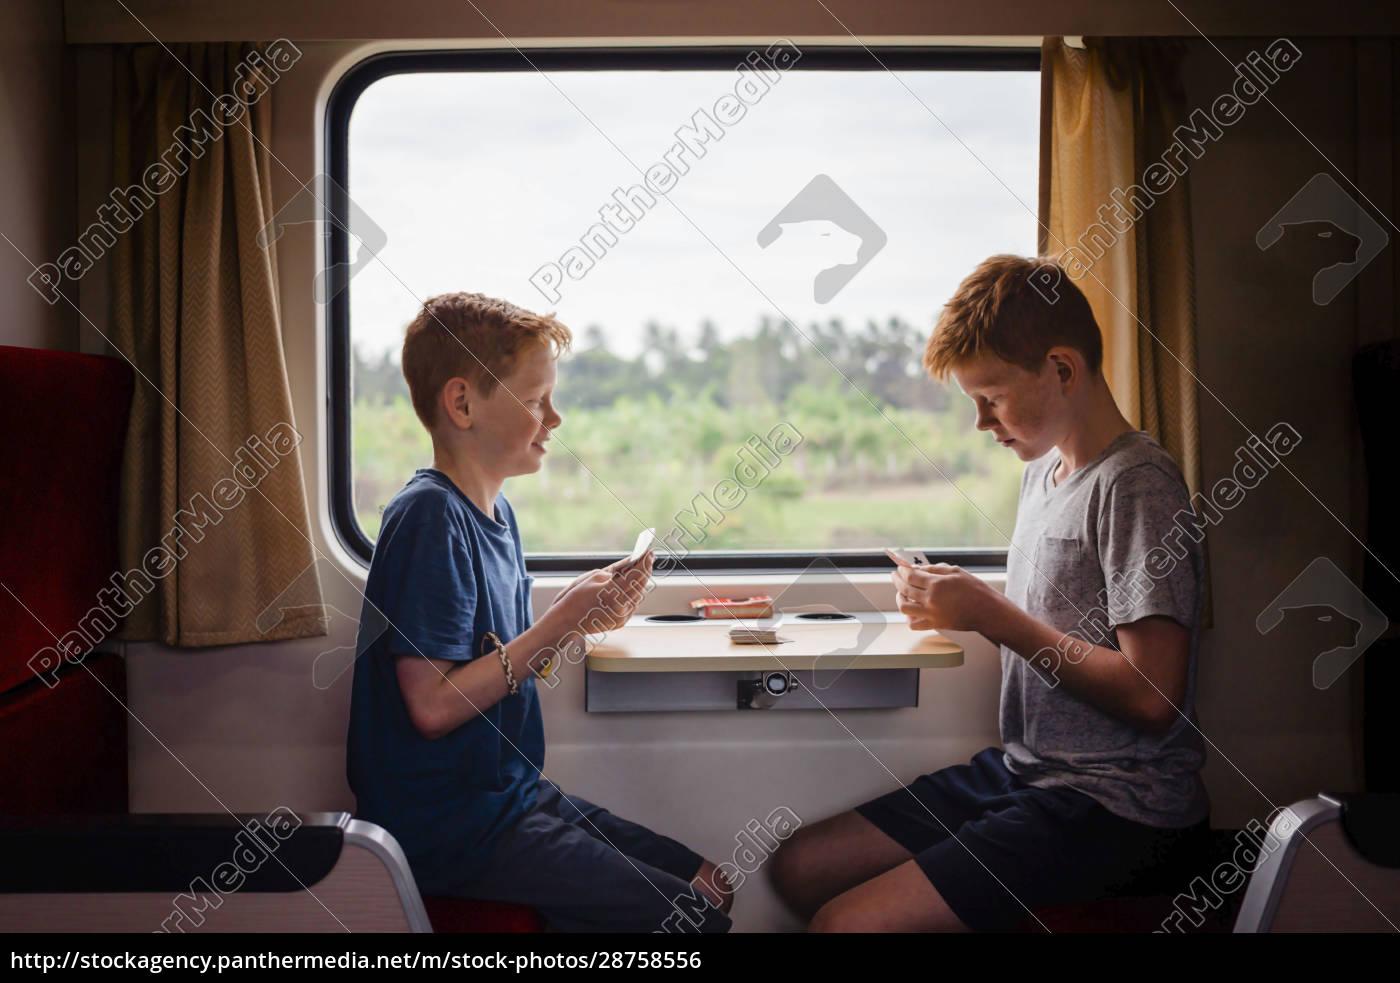 seitenansicht, von, jungen, die, karten, spielen, während, sie - 28758556